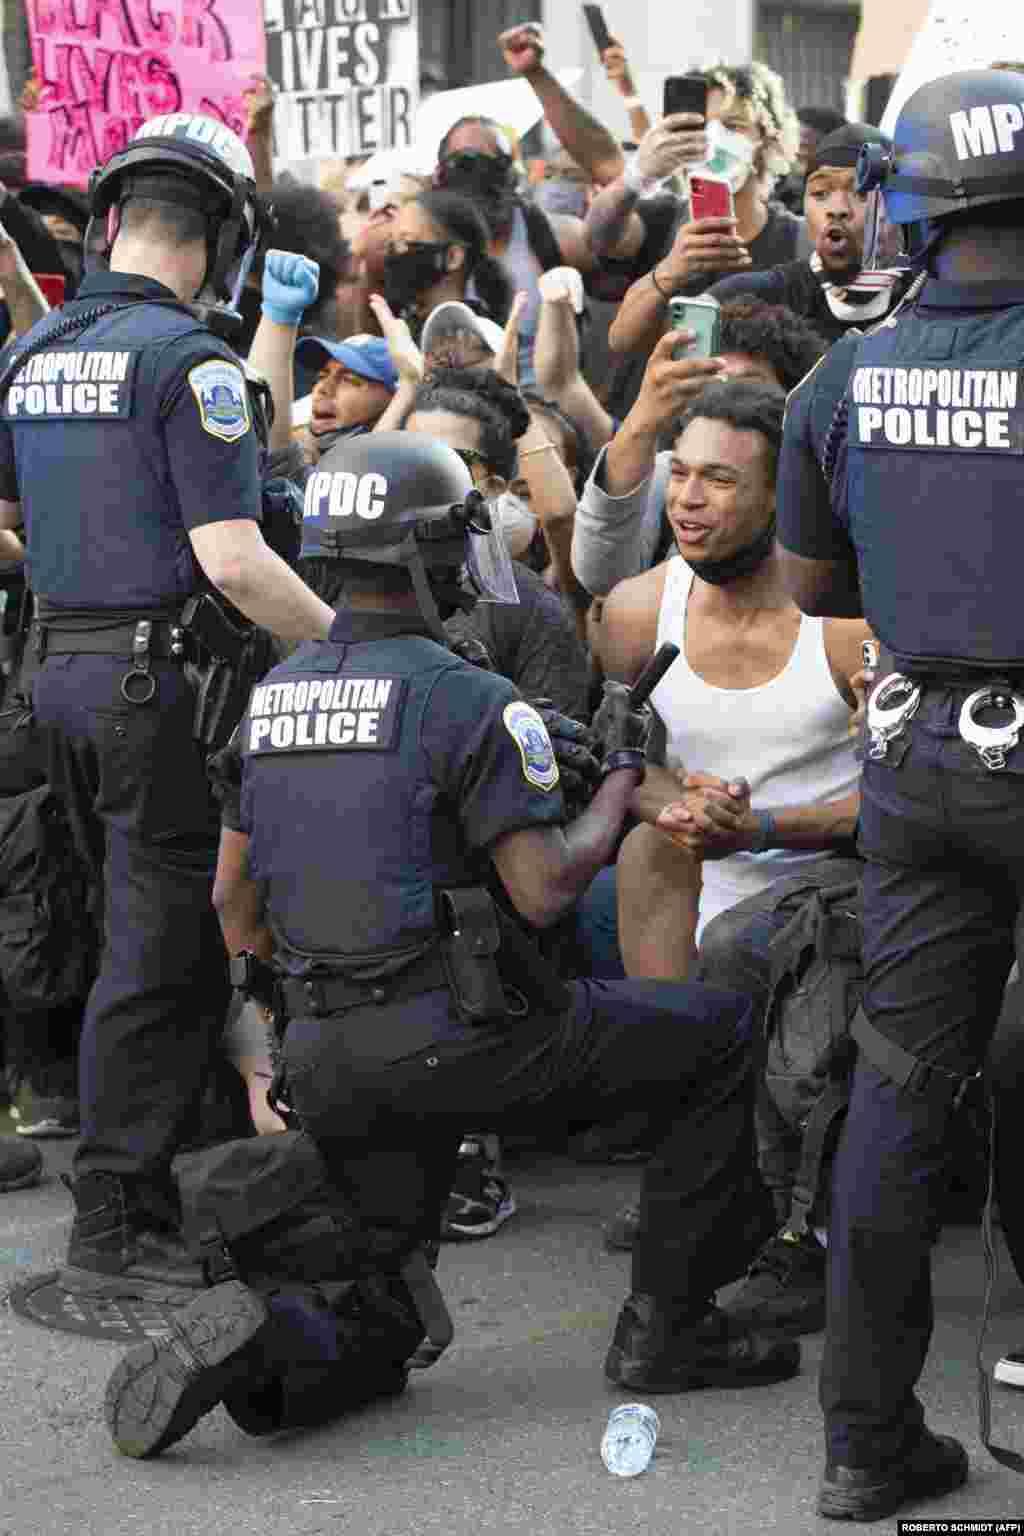 Еден човек вреска од емоции додека гледа како полицаец клечи, додека стотици протестираат против смртта на Џорџ Флојд веднаш до Белата куќа во Вашингтон.